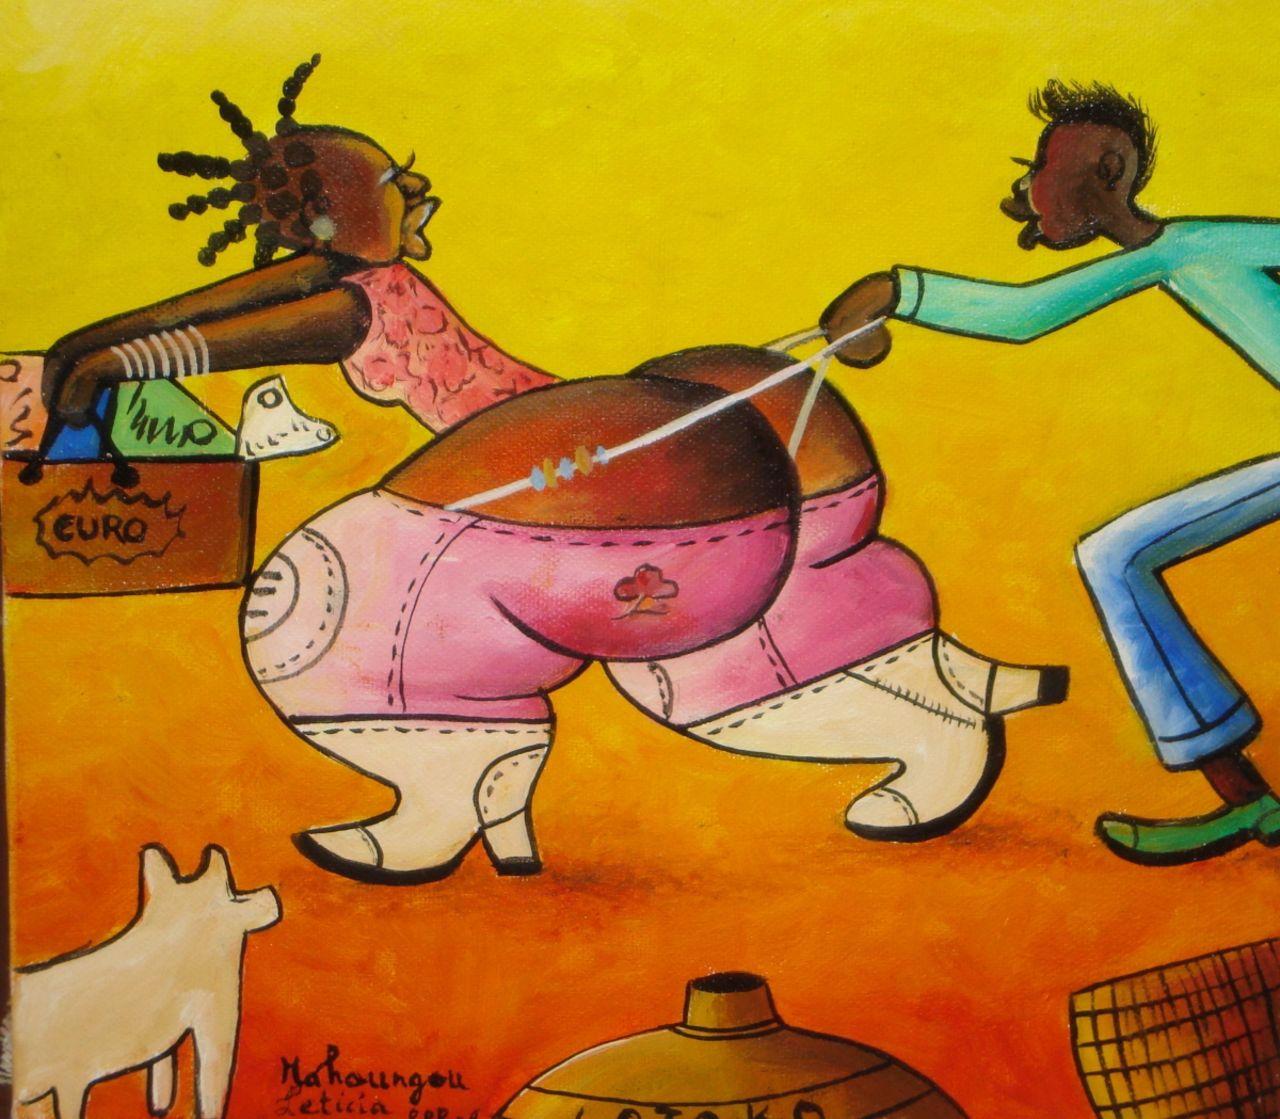 leticia crolle mahoungou detail leticia tse